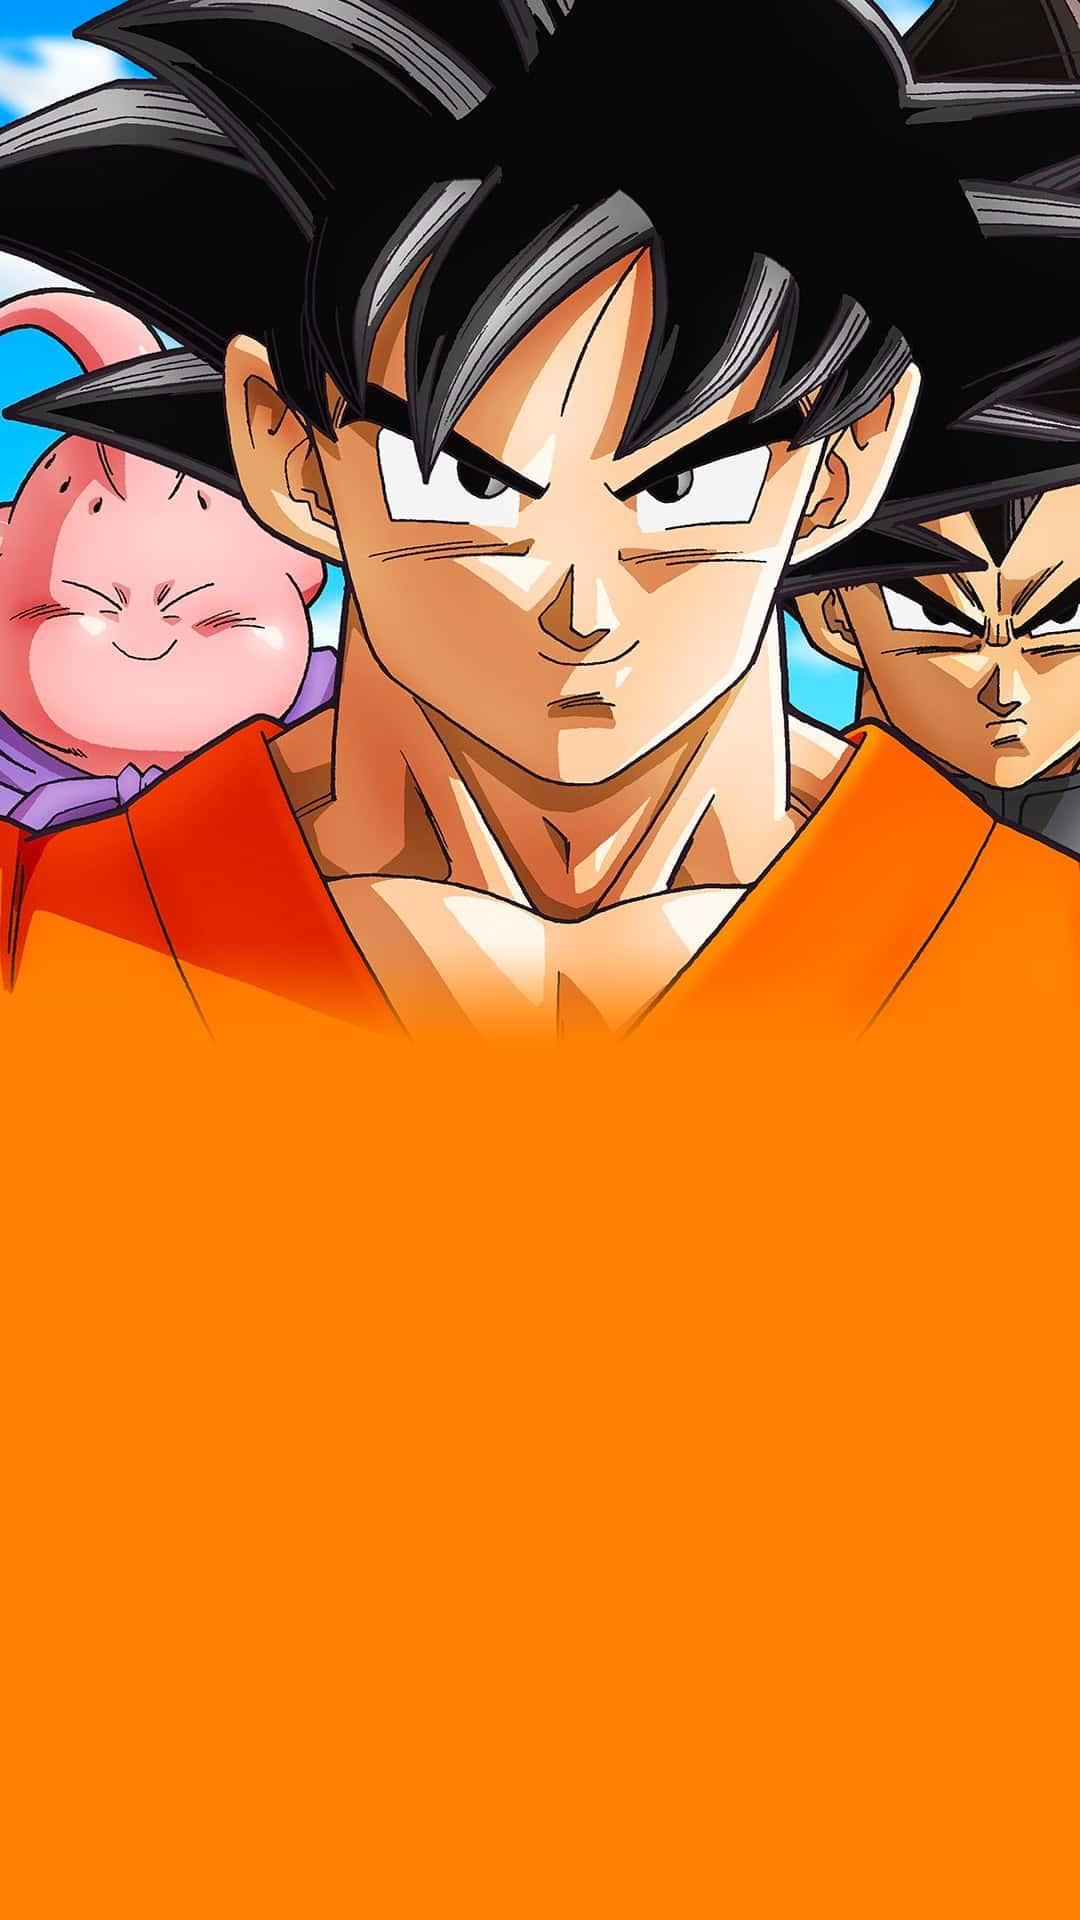 Dragon Ball Z anime Wallpaper